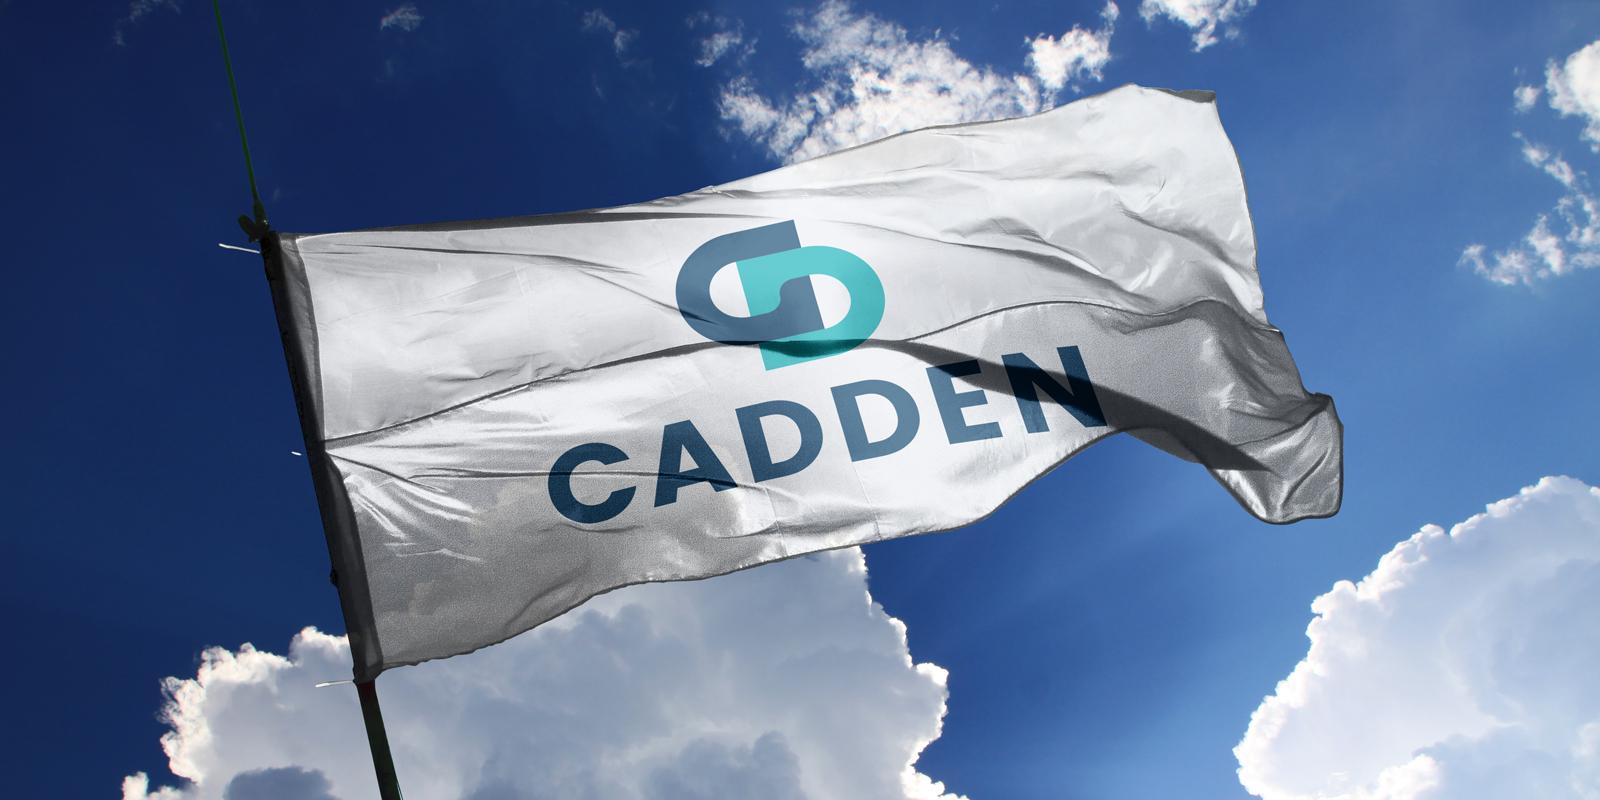 vignette Cadden drapeau